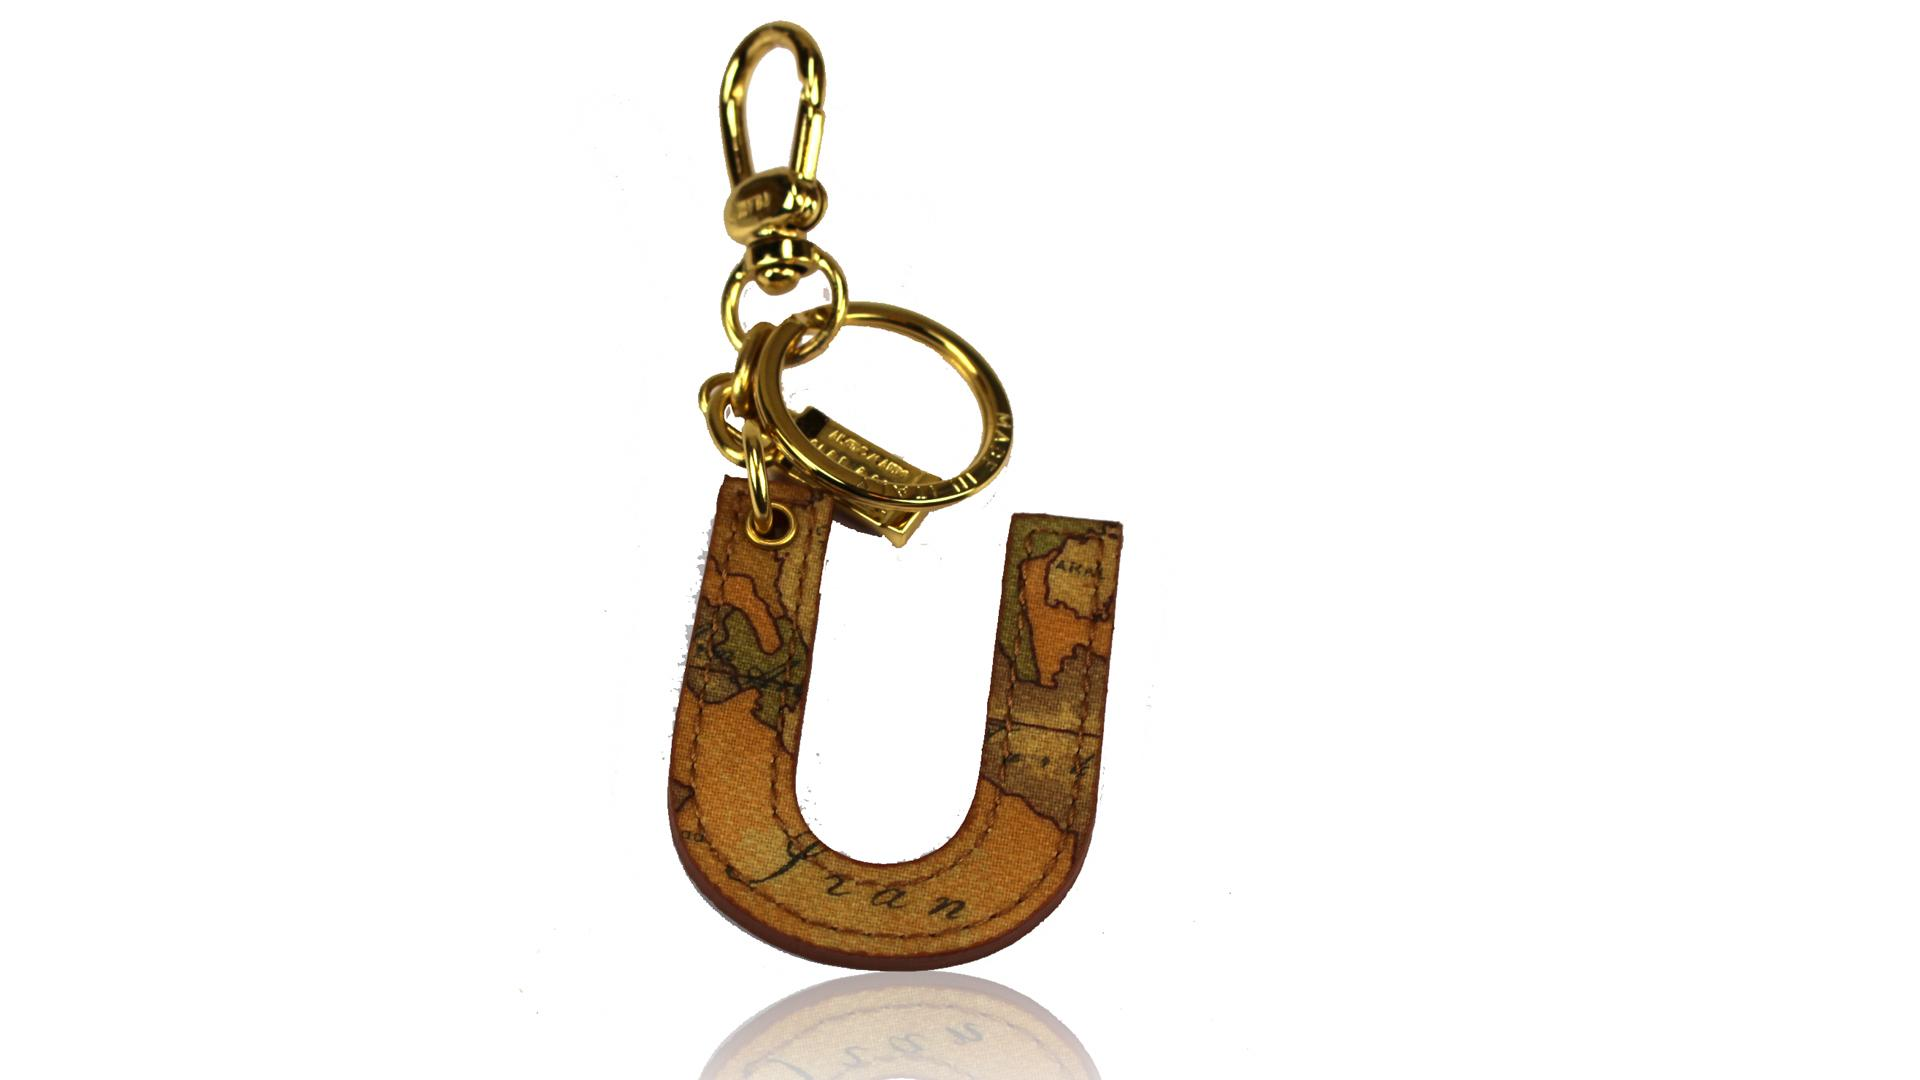 Porta chiavi alviero martini 1a classe continuativo p00u - Porta agenda alviero martini ...